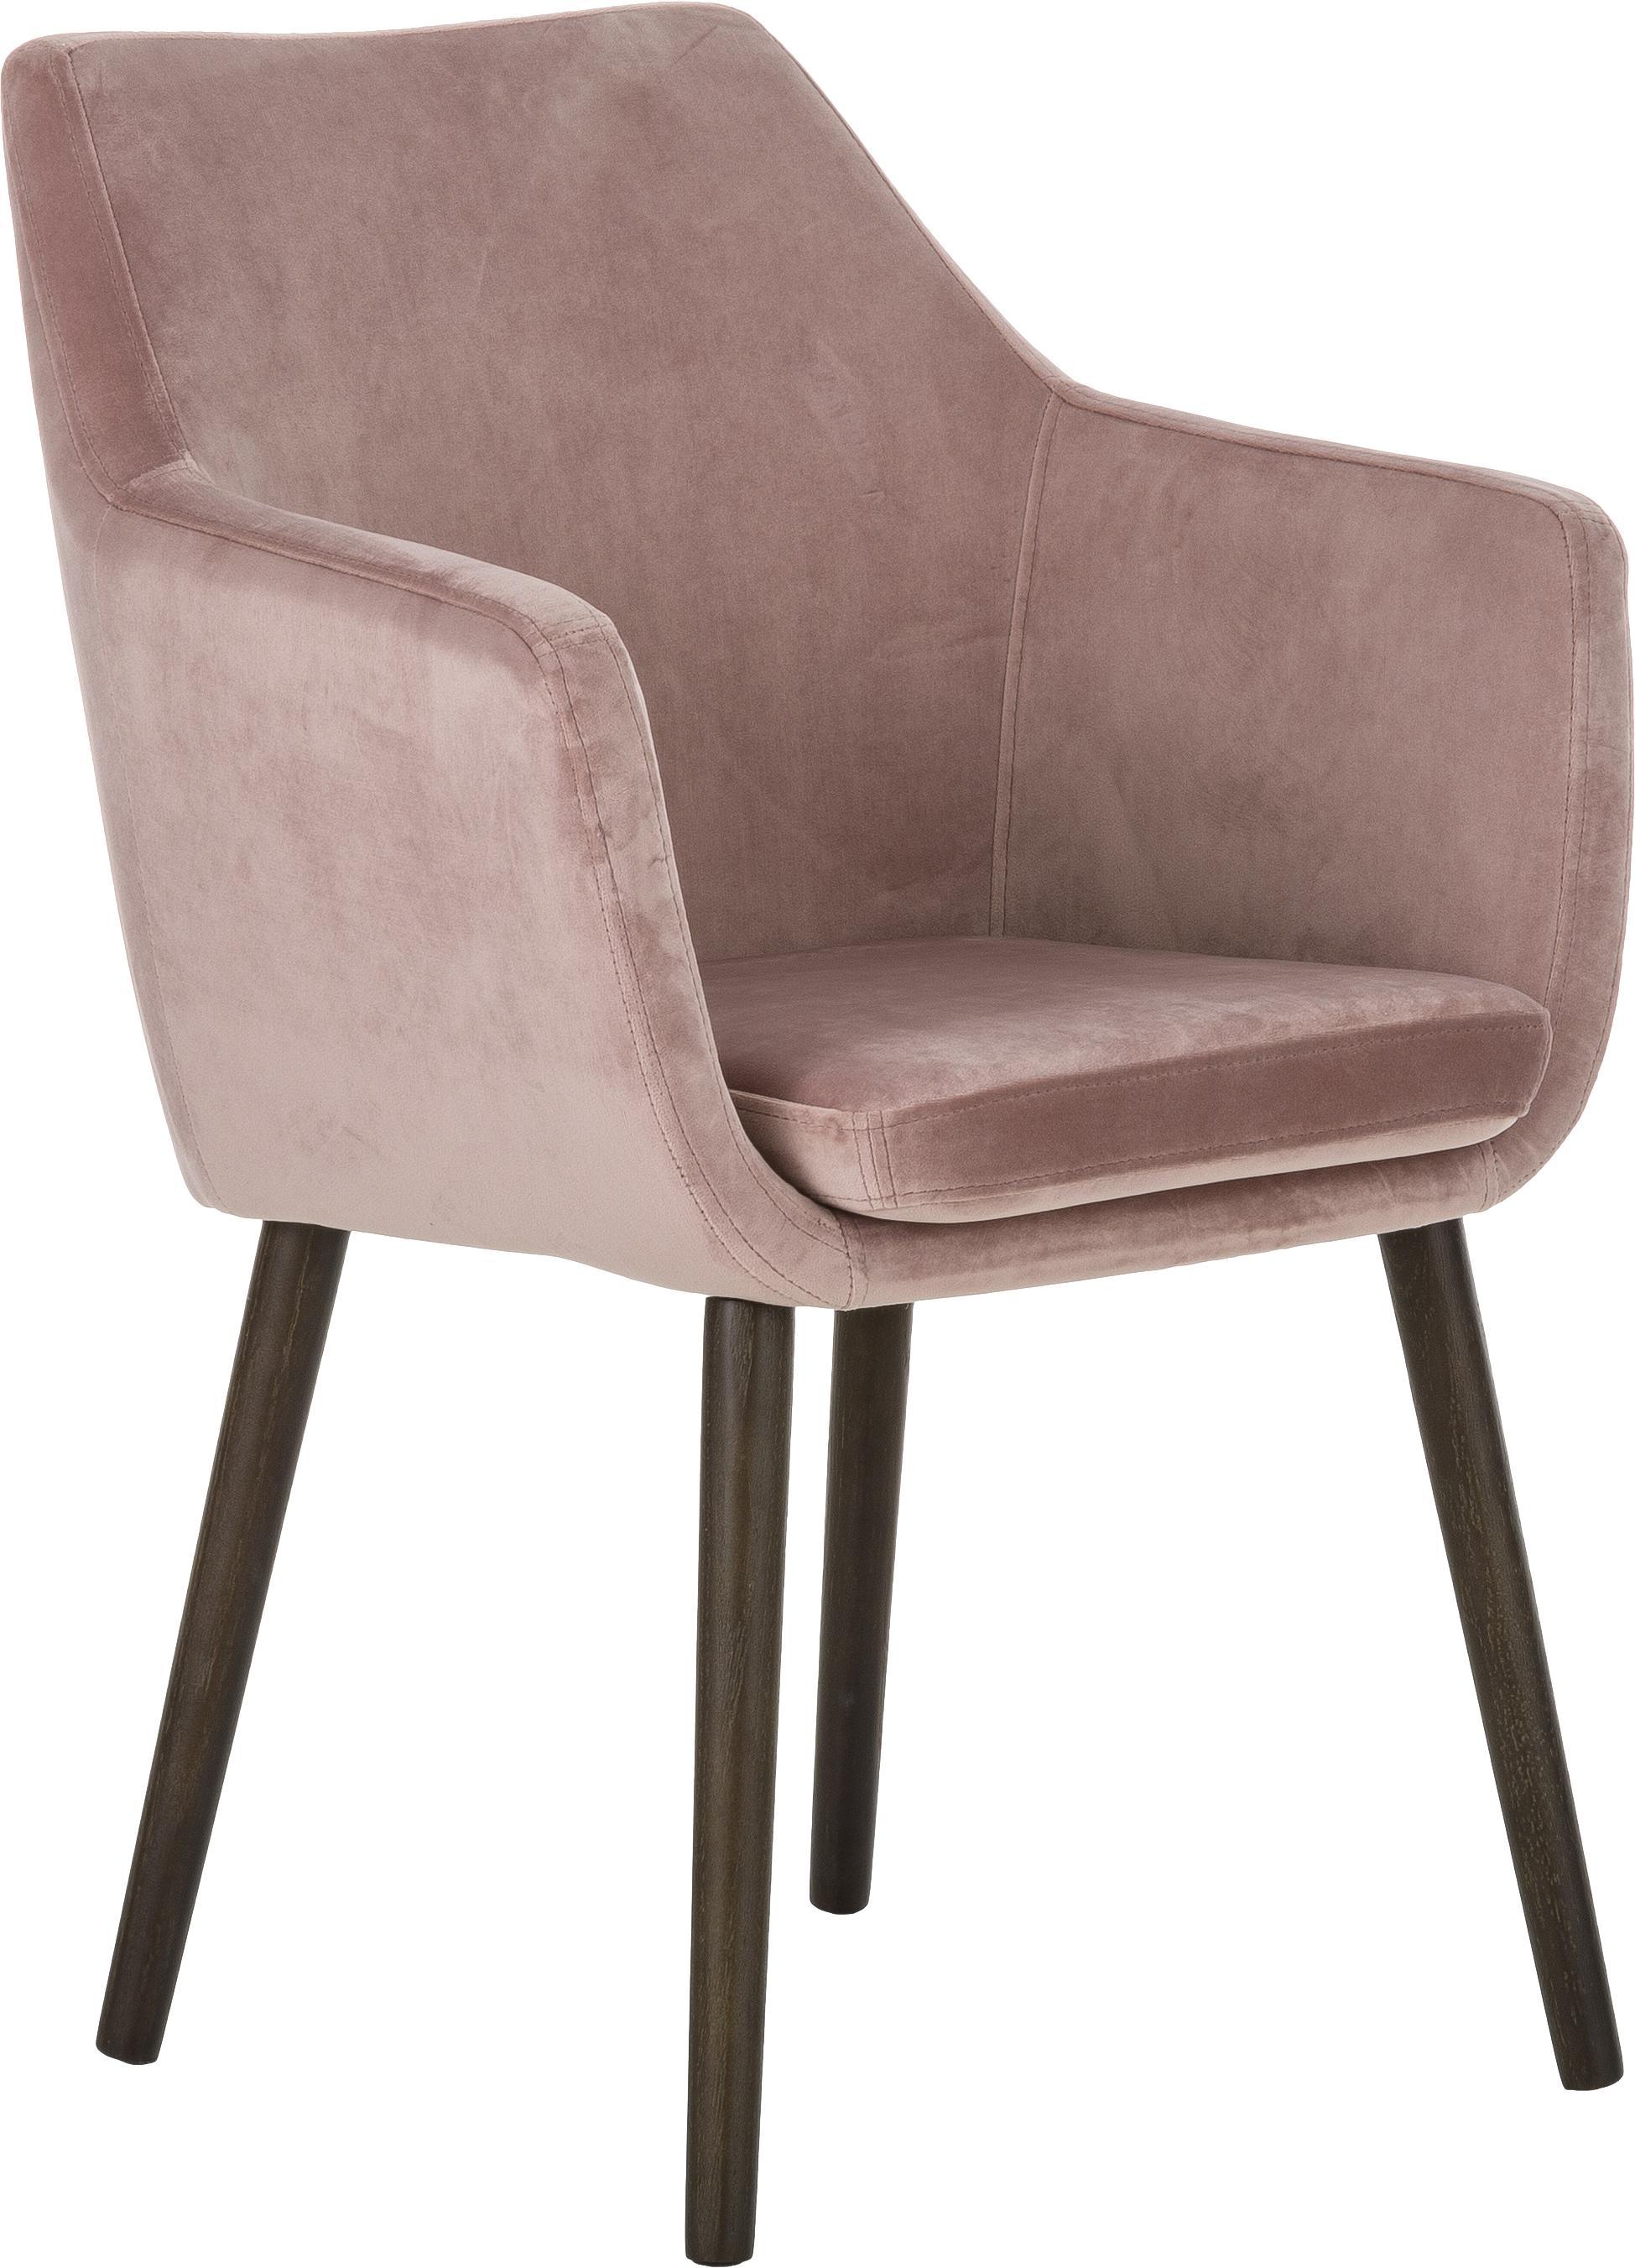 Sedia con braccioli in velluto Nora, Rivestimento: poliestere (velluto), Gambe: legno di quercia vernicia, Velluto rosa, gambe marrone scuro, Larg. 58 x Prof. 58 cm